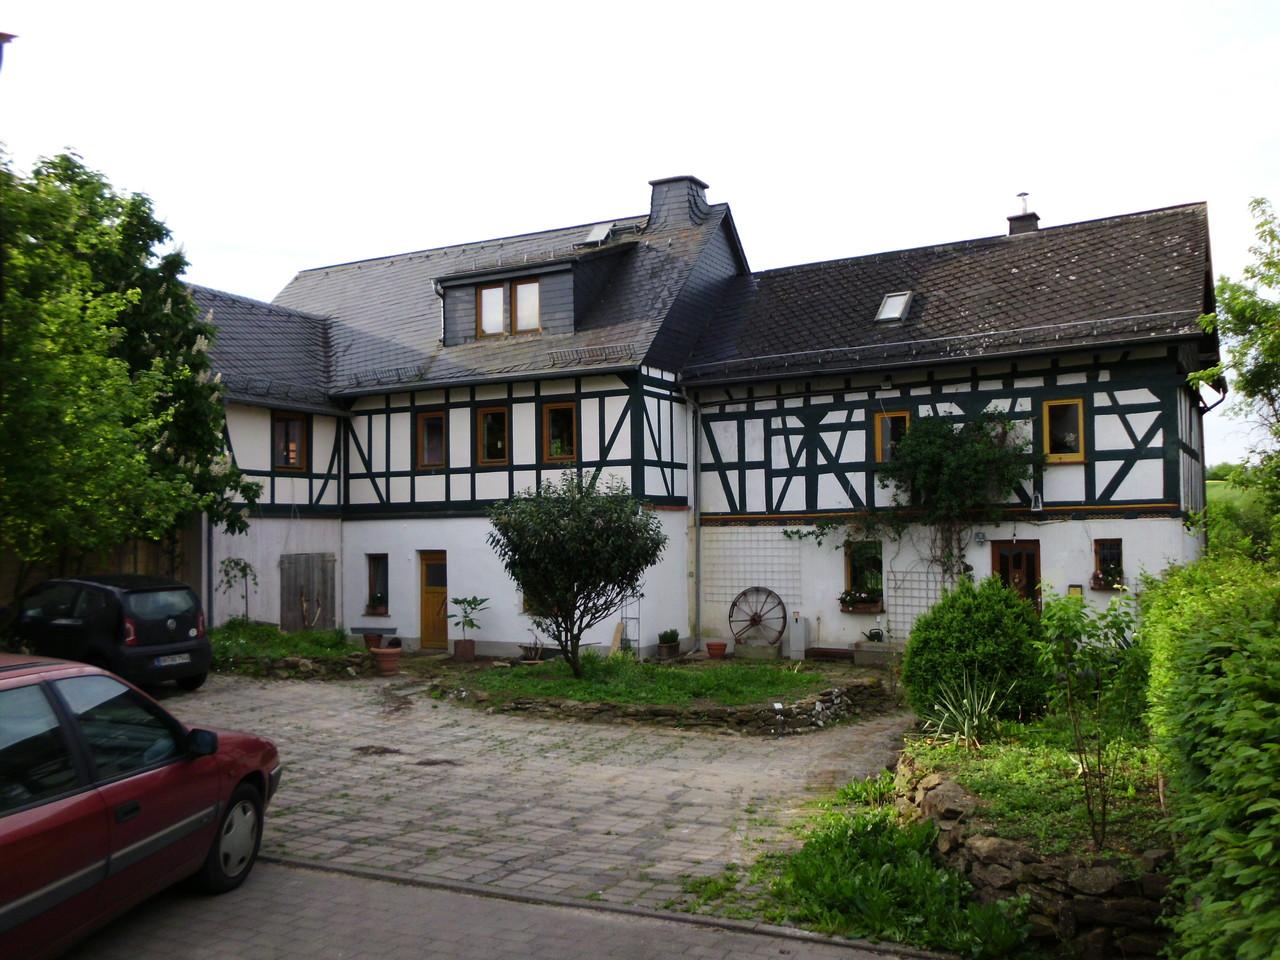 Am vorderen Teil des Altbaus in Gräveneck wurden nur kleine Sanierungsarbeiten durchgeführt